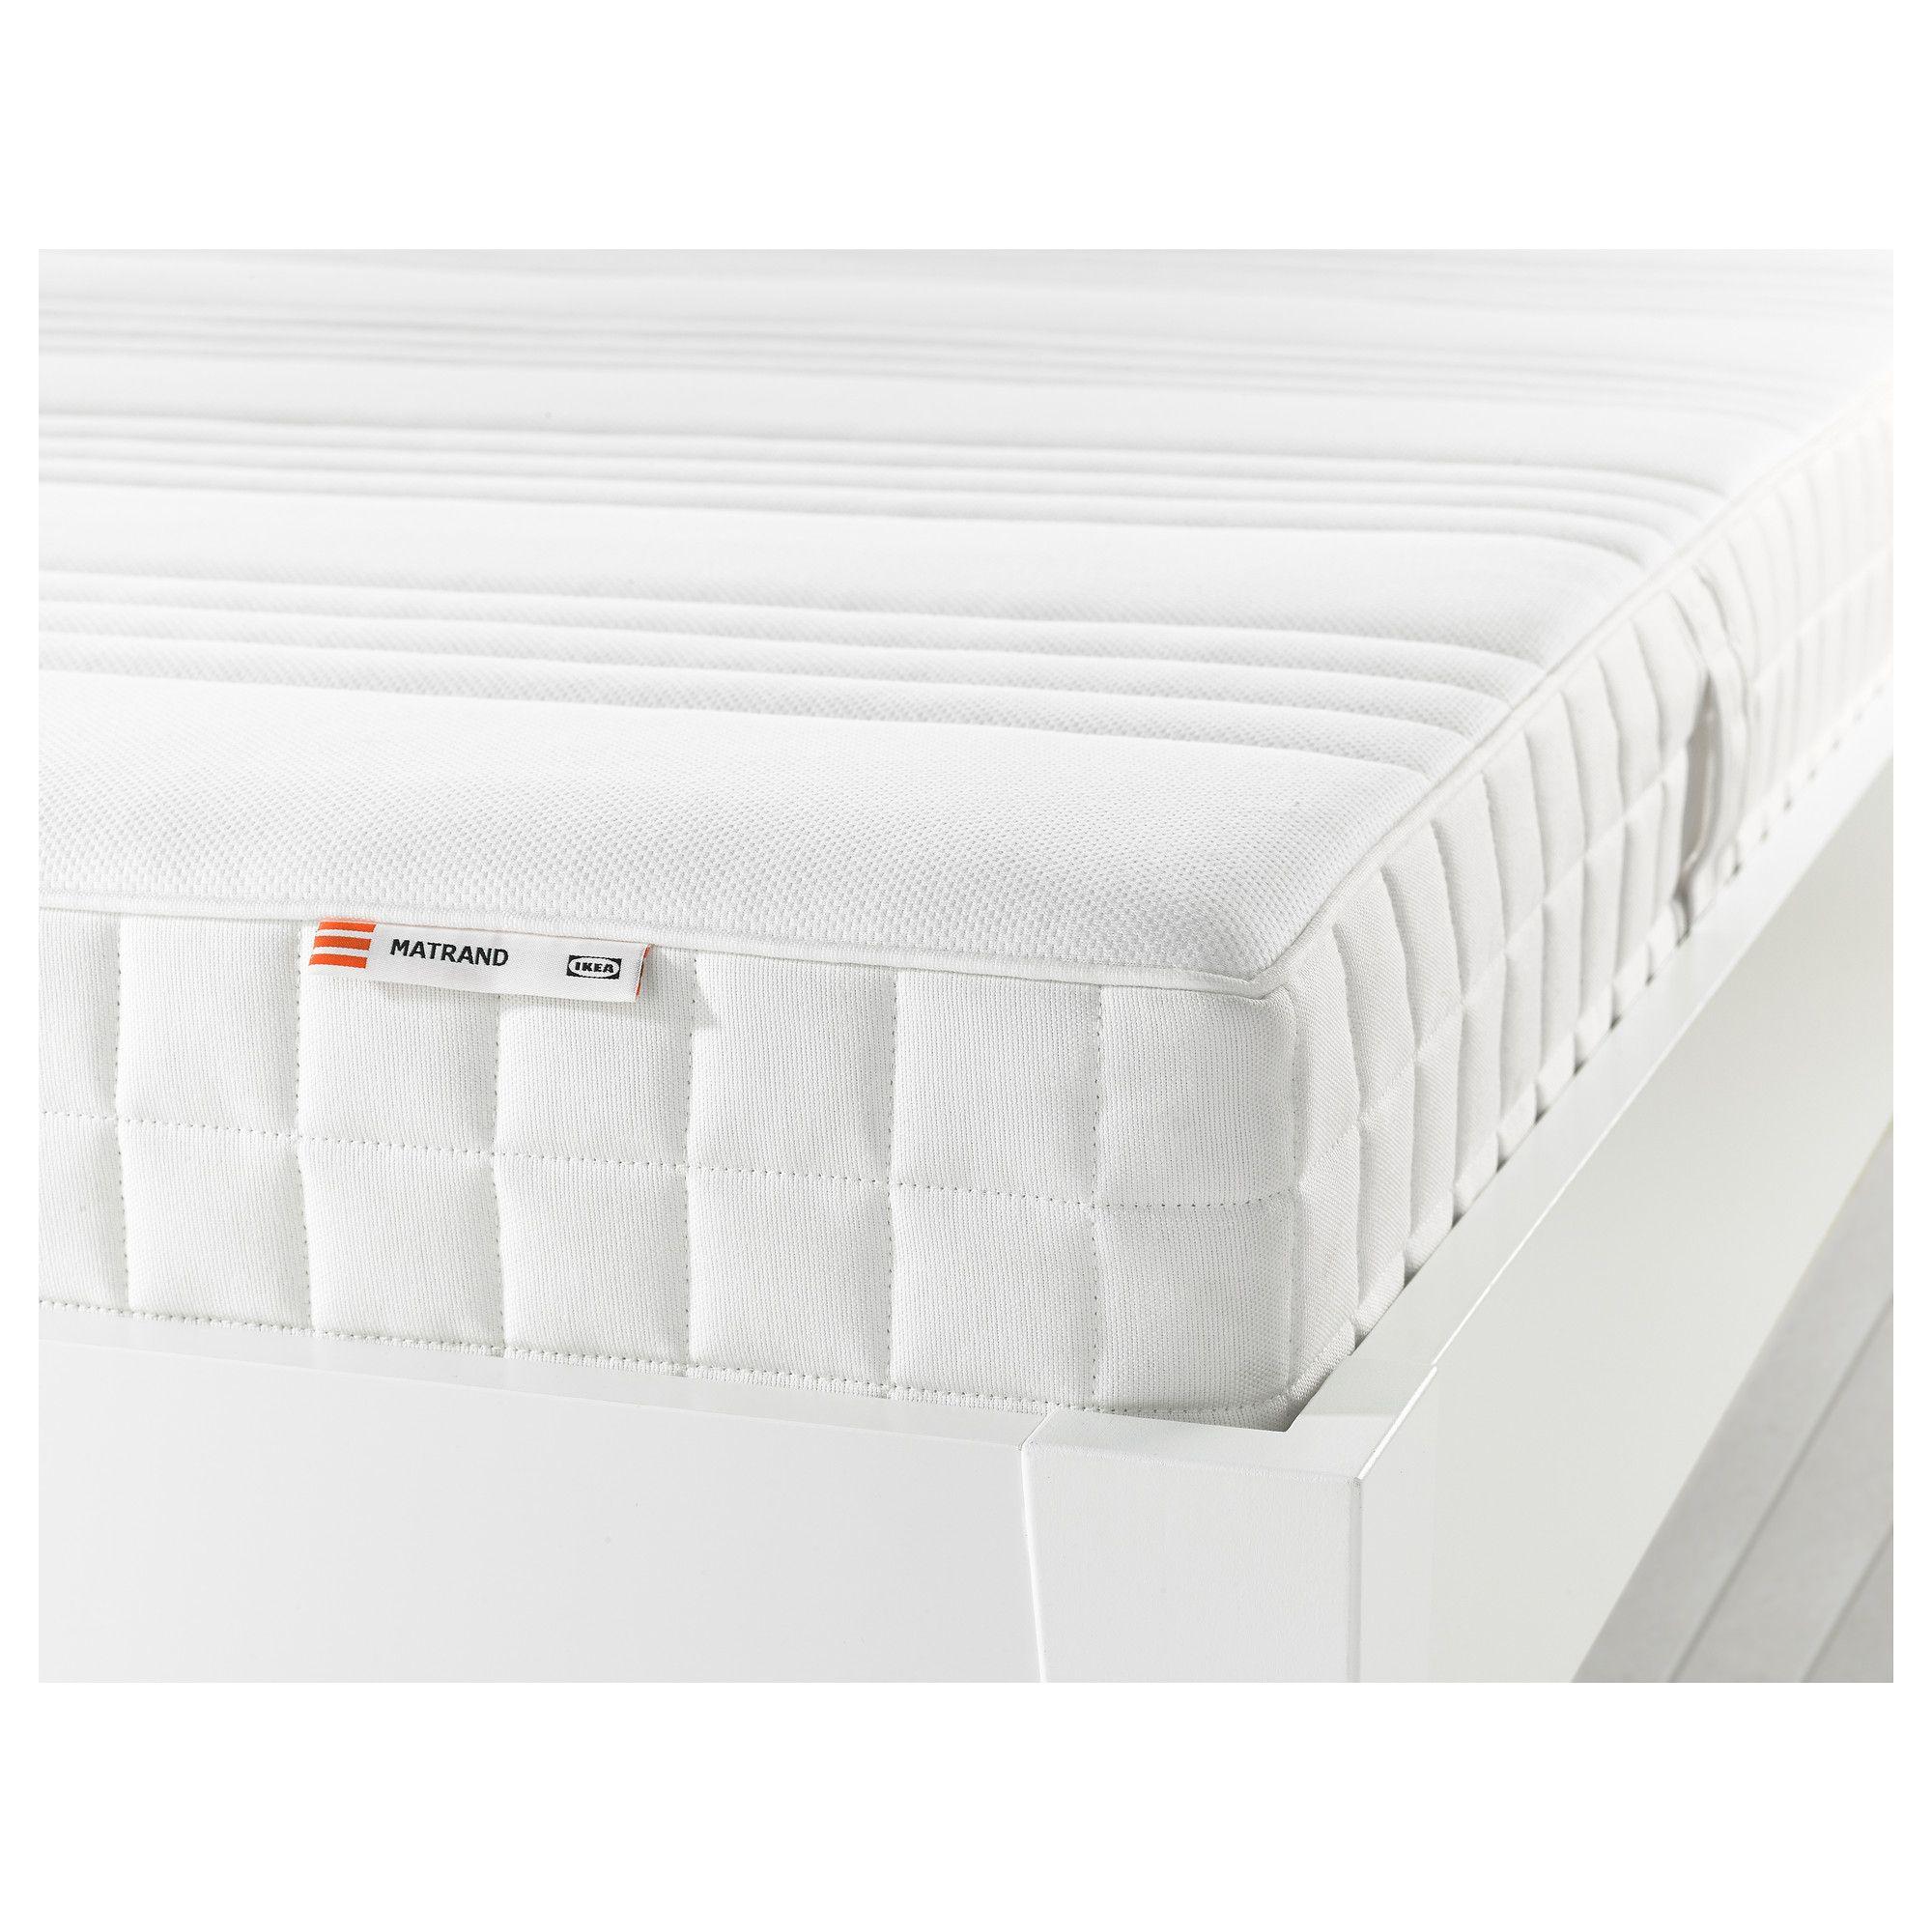 matrand memory foam mattress firm white foam mattress mattress